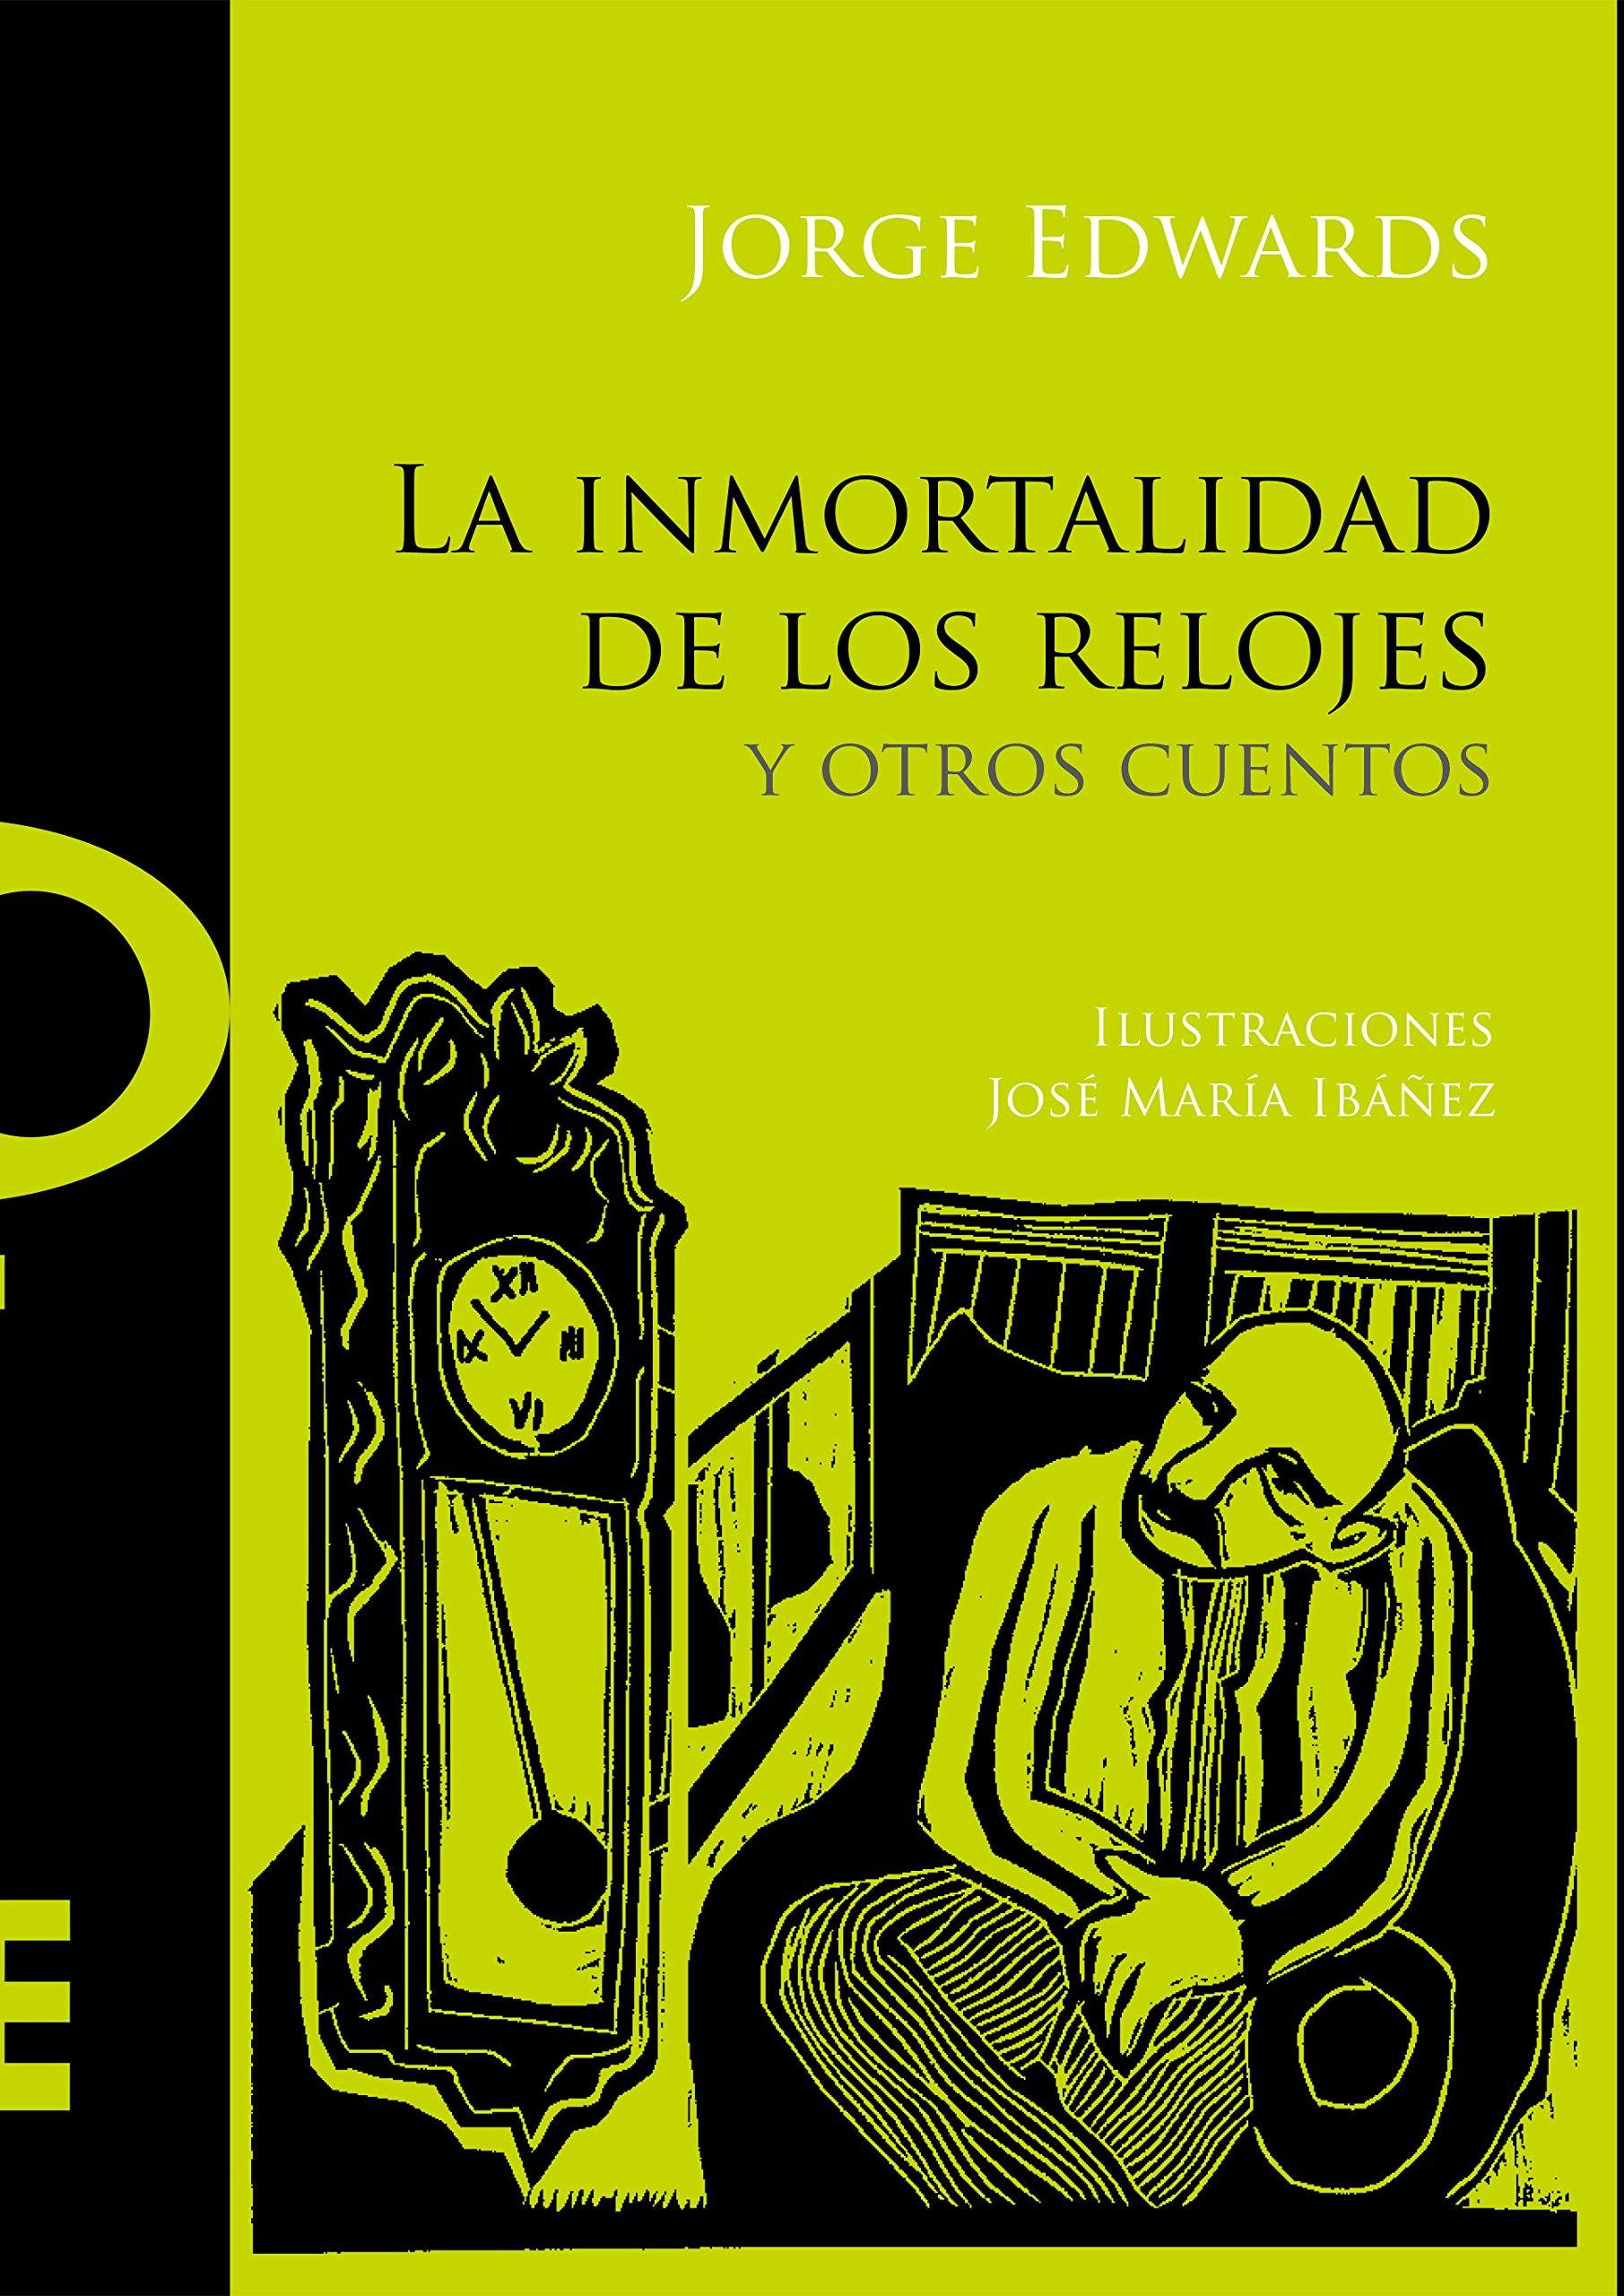 La inmortalidad de los relojes y otros cuentos (Spanish) Paperback – 2013